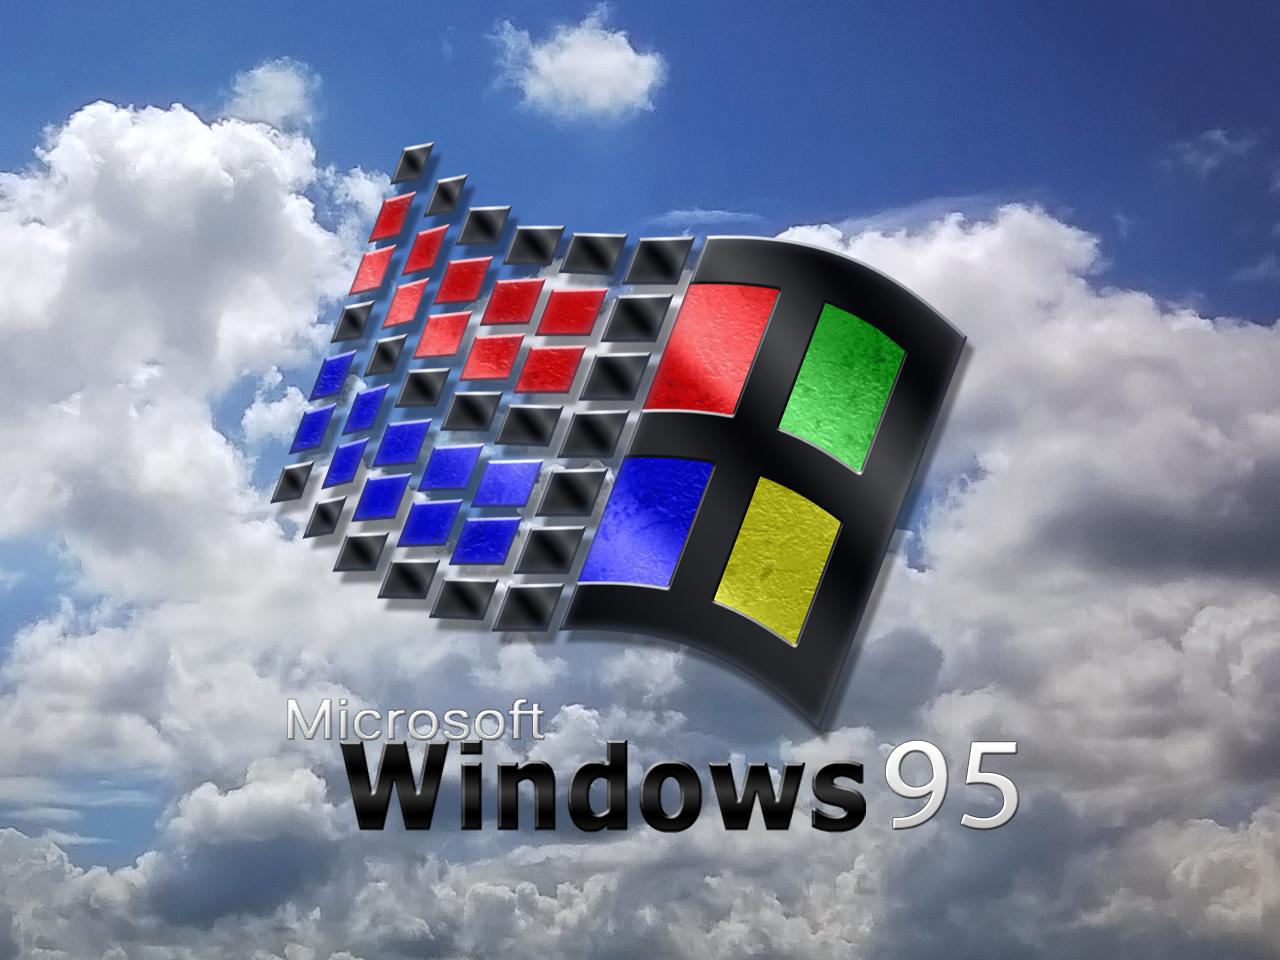 windows 95 wallpaper bing images